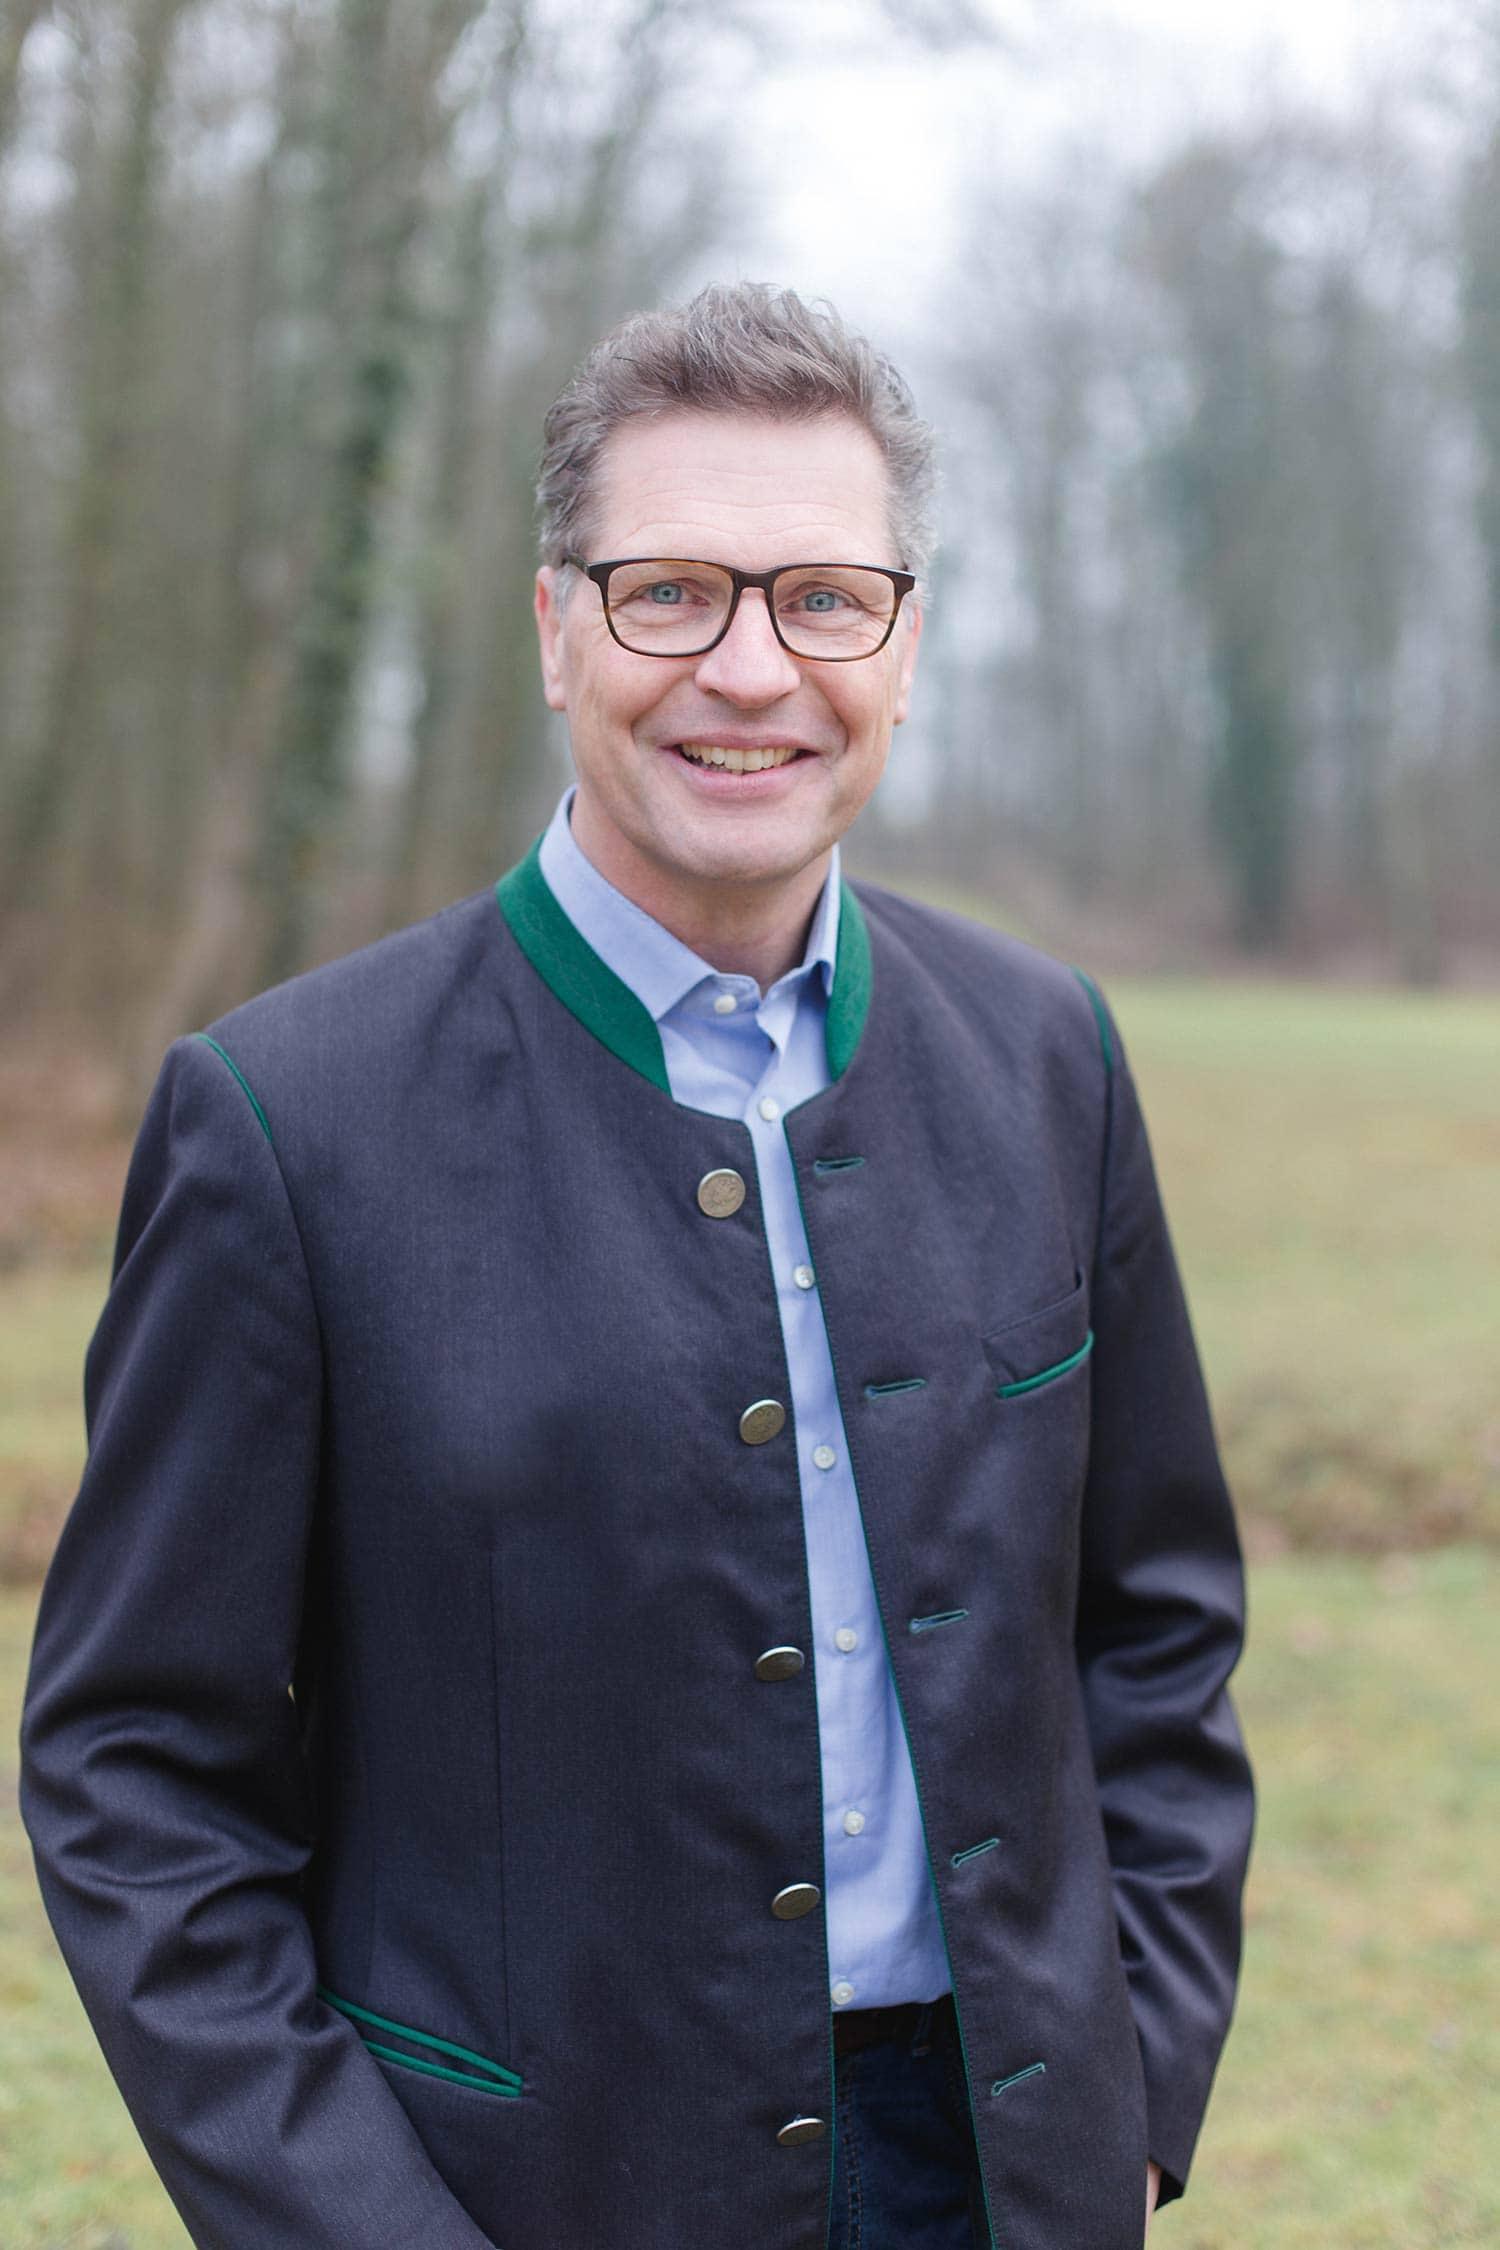 Thomas Scheuerer von der CSU/WGH (Christlich-Soziale Union/Wählergemeinschaft Hagelstadt) gewann in Hagelstadt mit  81,04 Prozent  gegen den seit 2014 amtierenden Bürgermeister Dr. Bernhard Bausenwein (Freie Wähler) mit 18,96 Prozent. Die Wahlbeteiligung liegt bei 76,77 Prozent. Foto: Martina Klinke Fotografie